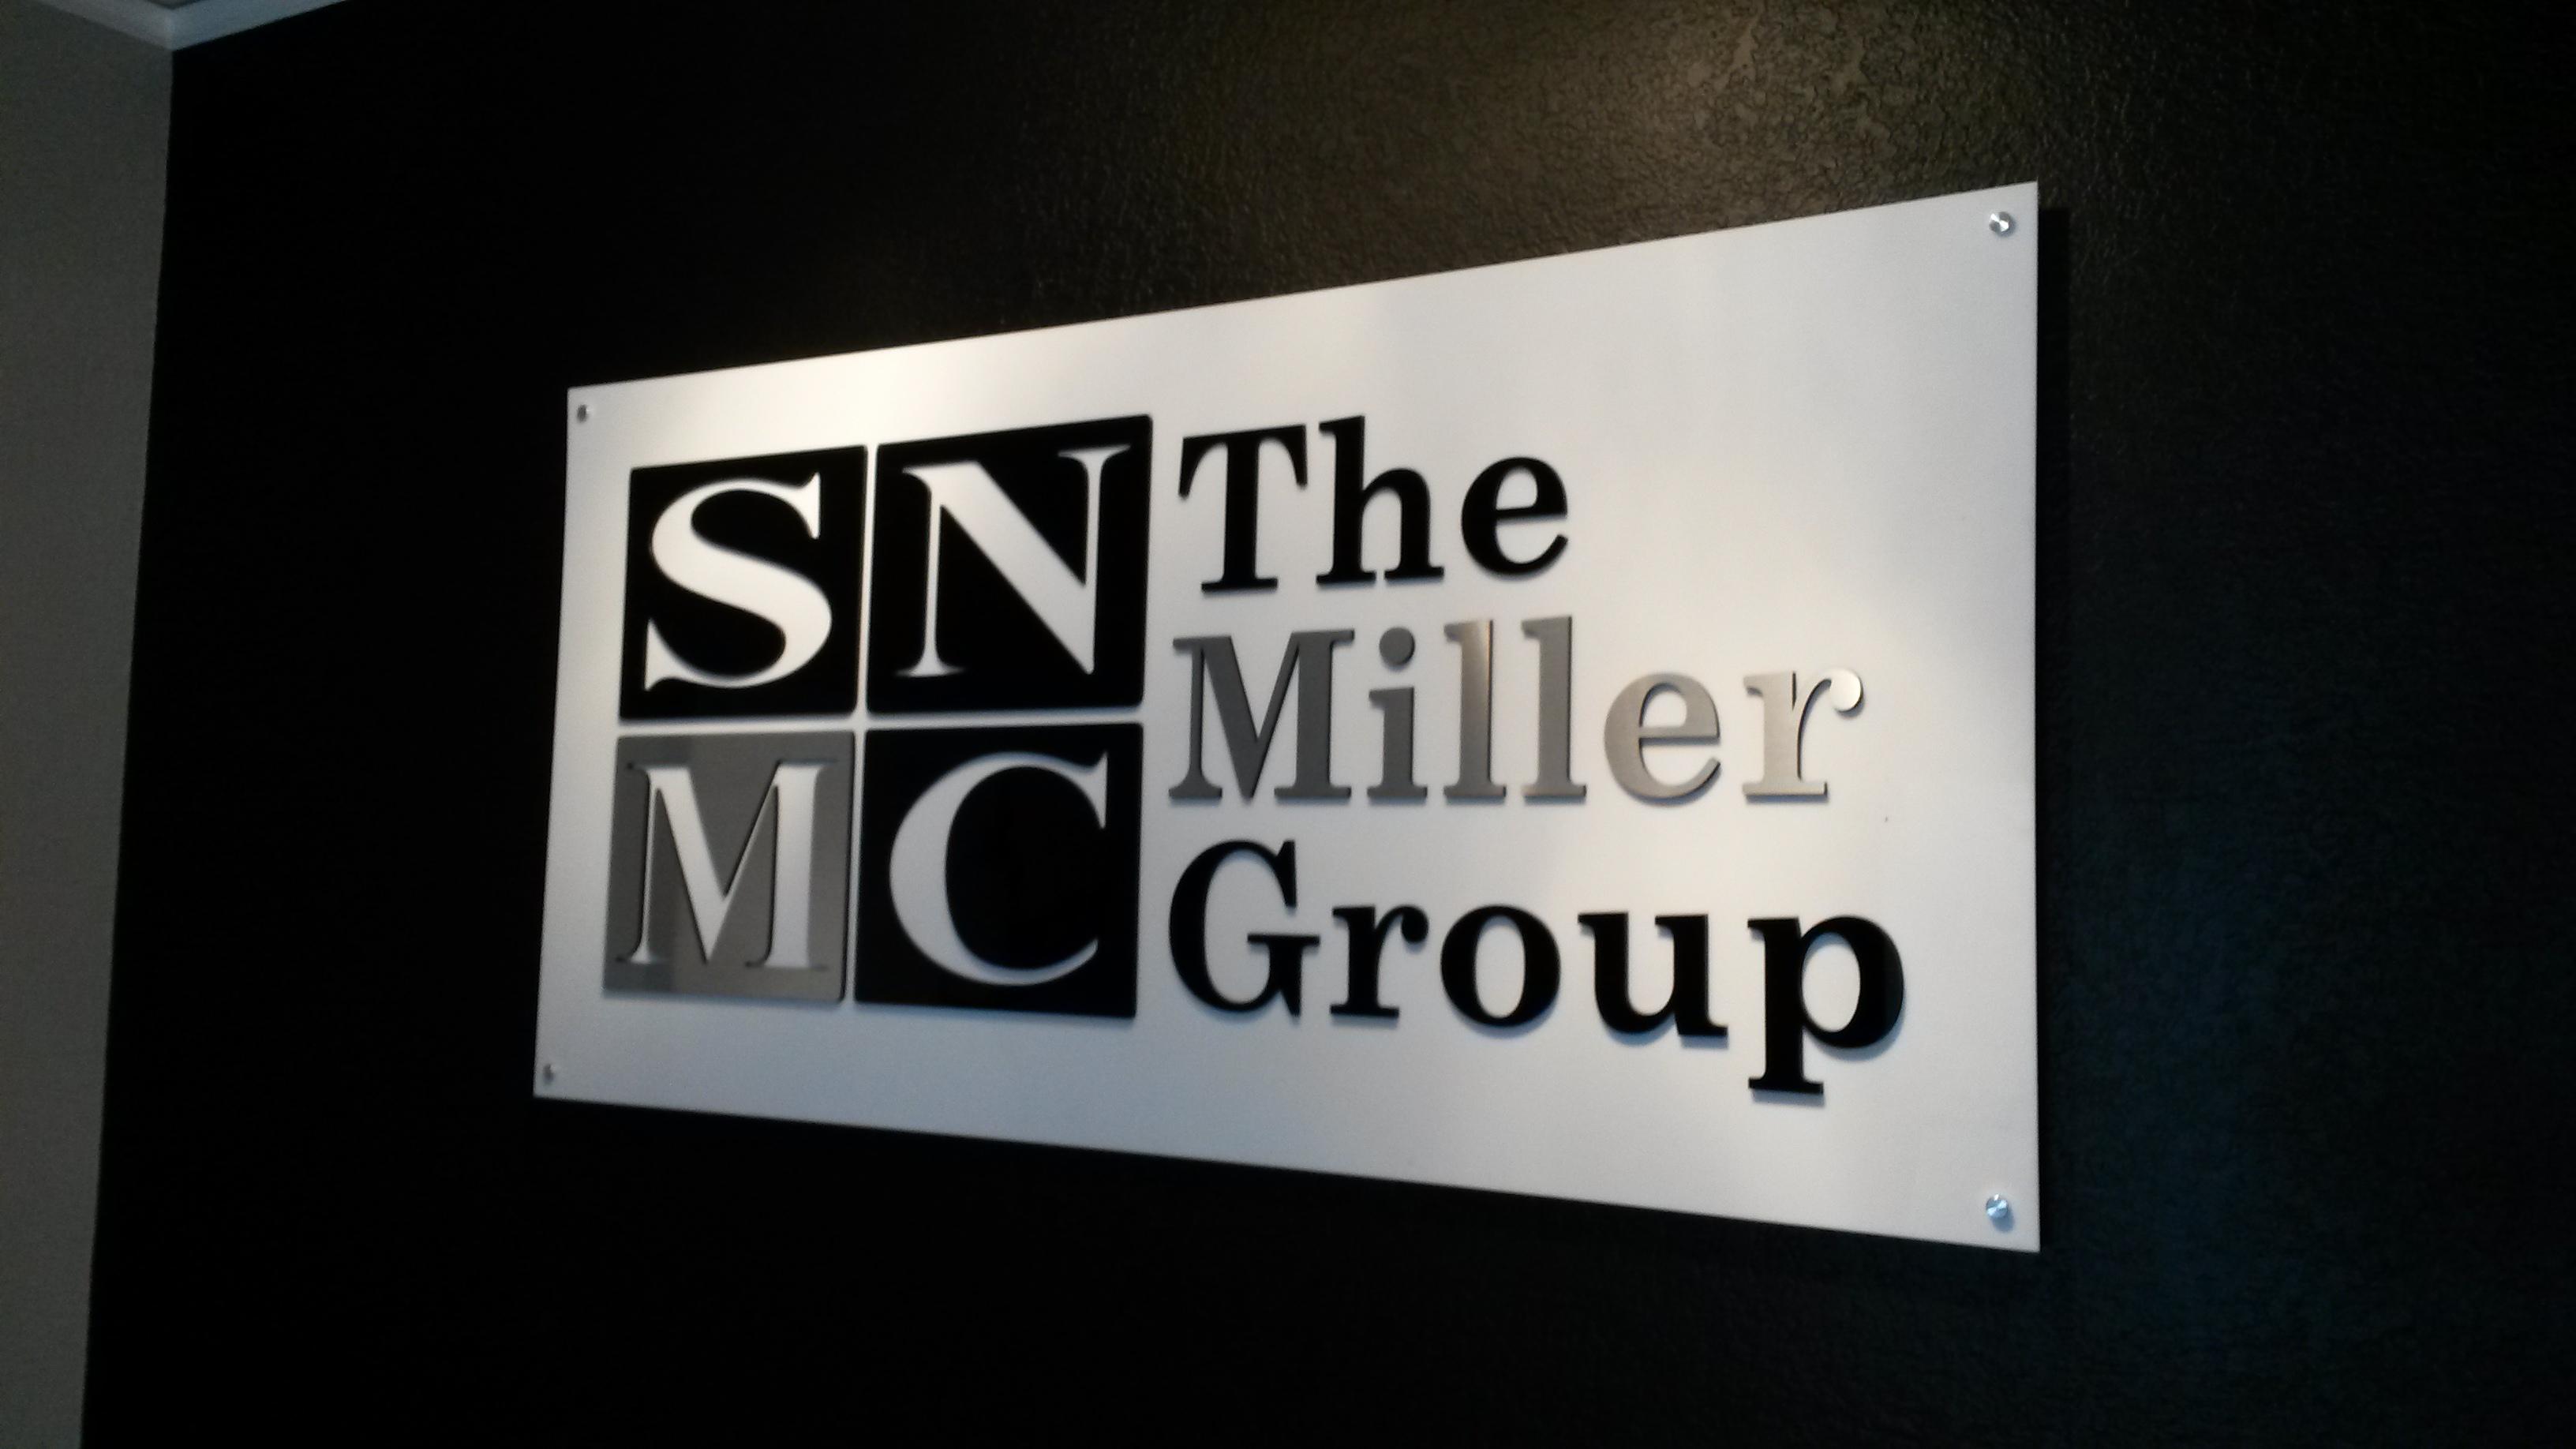 Miller Group - lk39731 - 3 (1).jpg